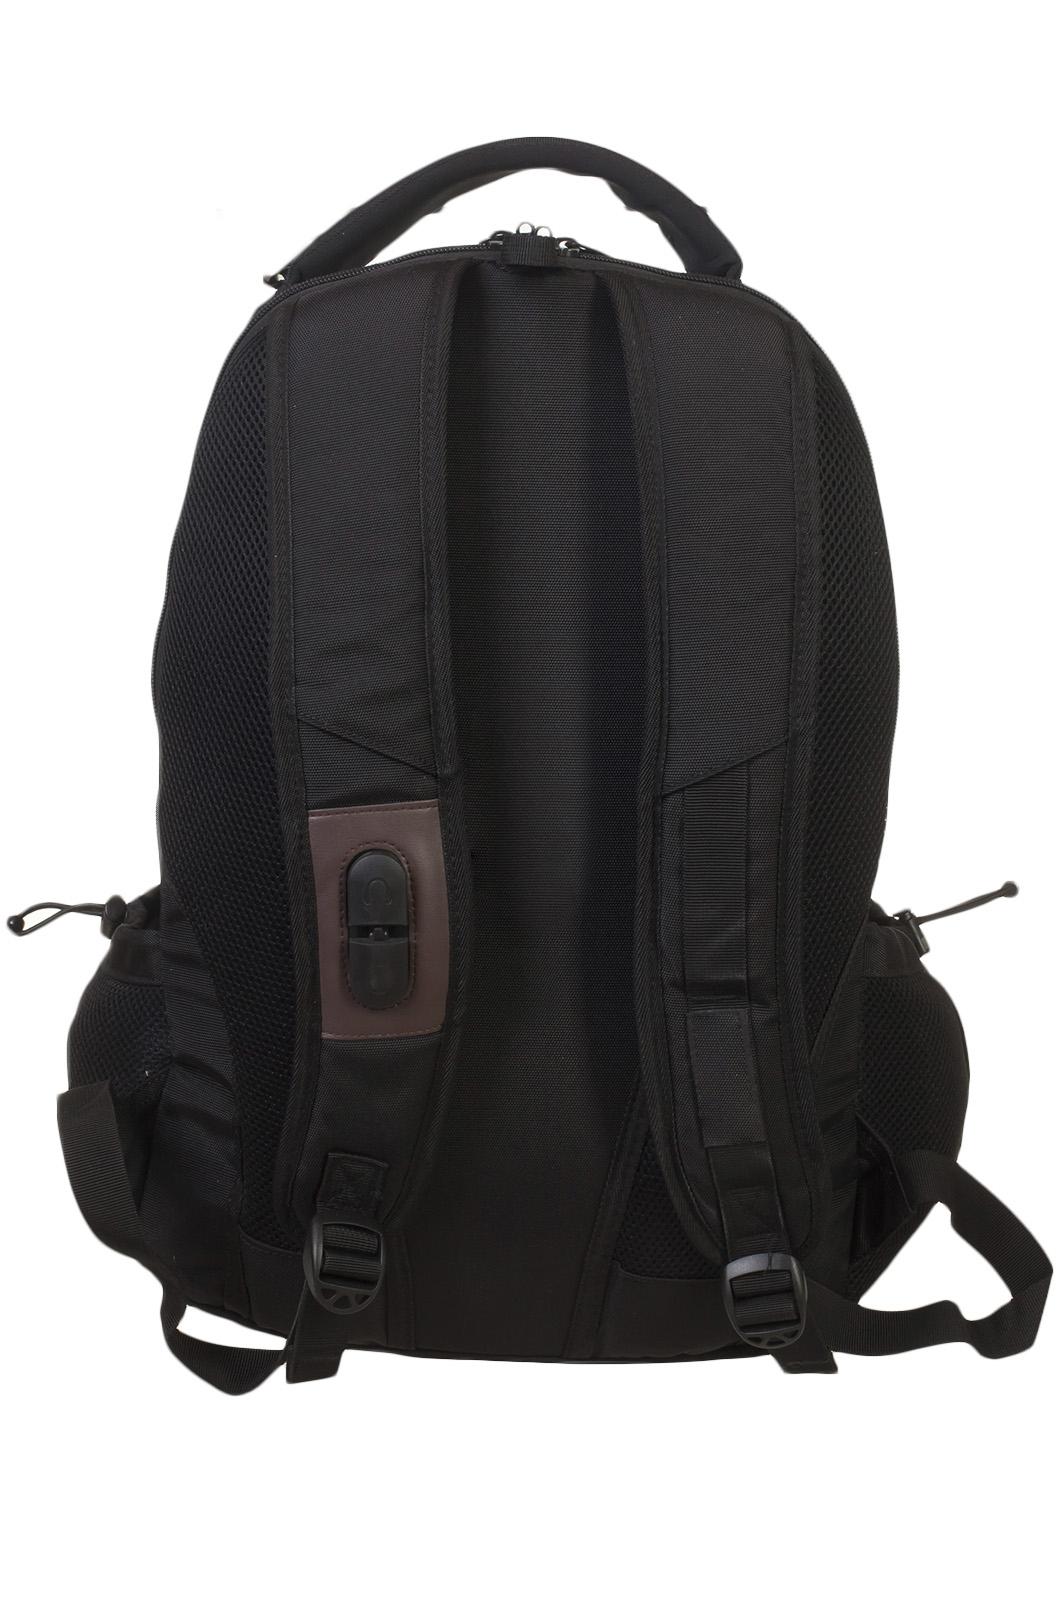 Вместительный крутой рюкзак с нашивкой МЧС - купить онлайн